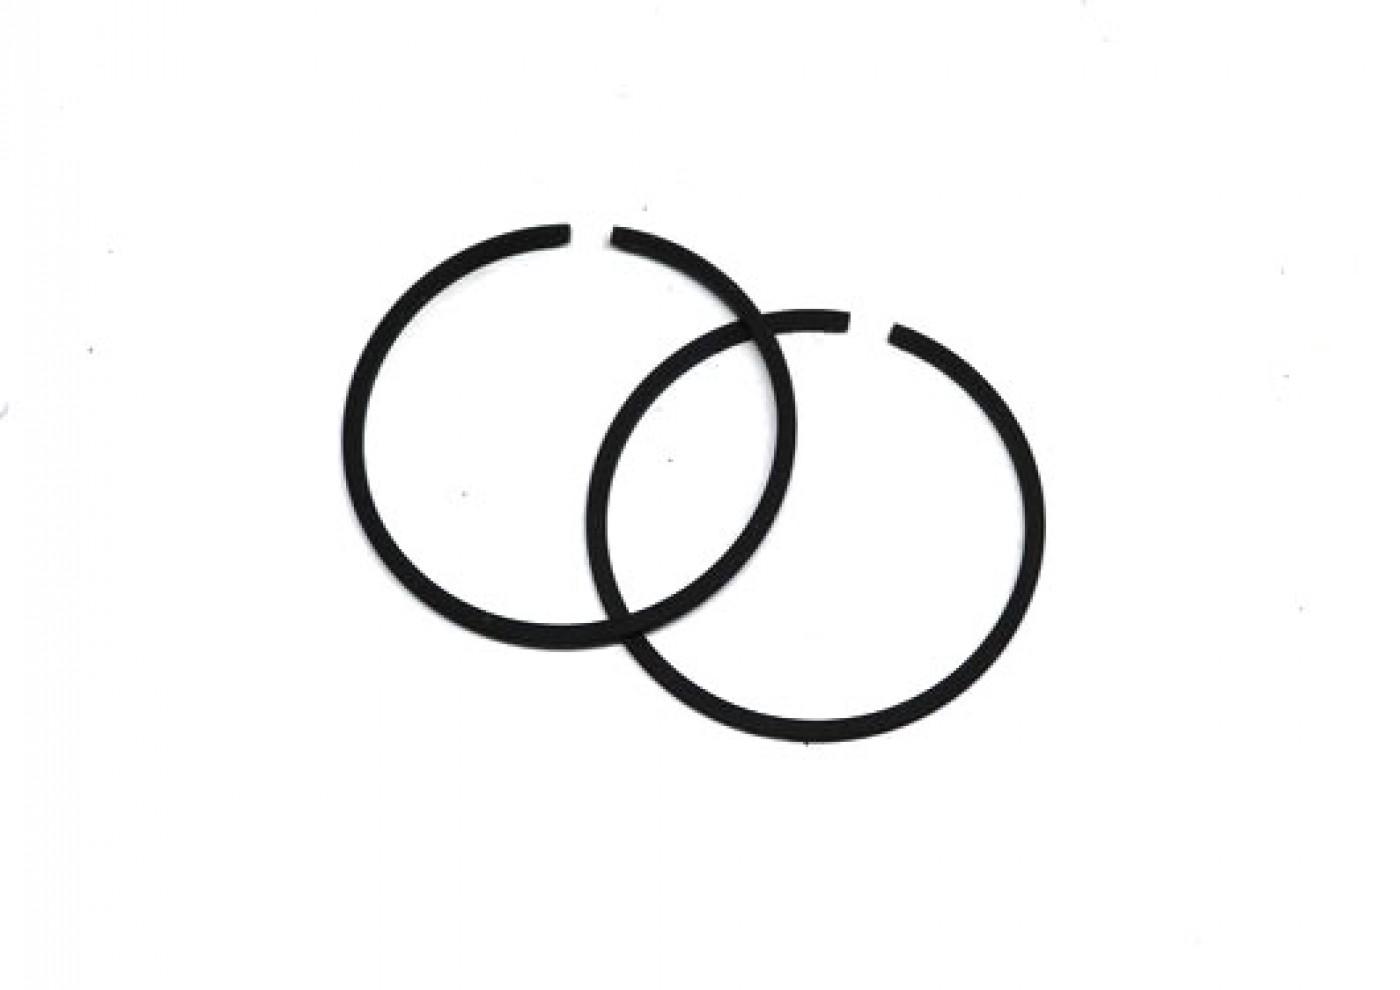 Súprava piestnych krúžkov - 52 mm